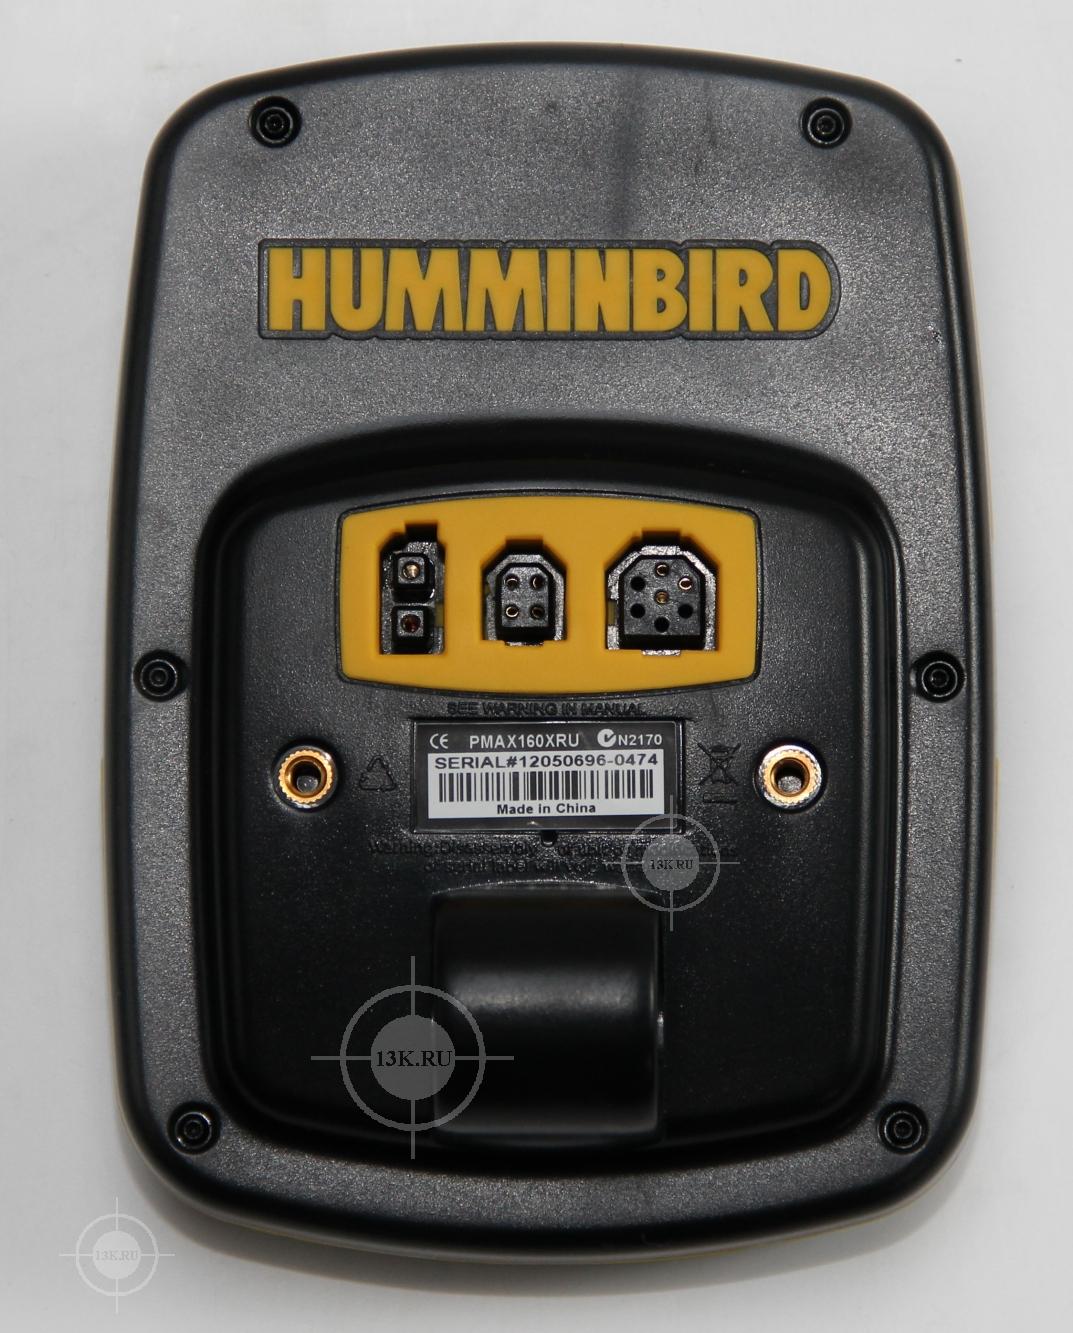 датчик на эхолот humminbird 160 цена